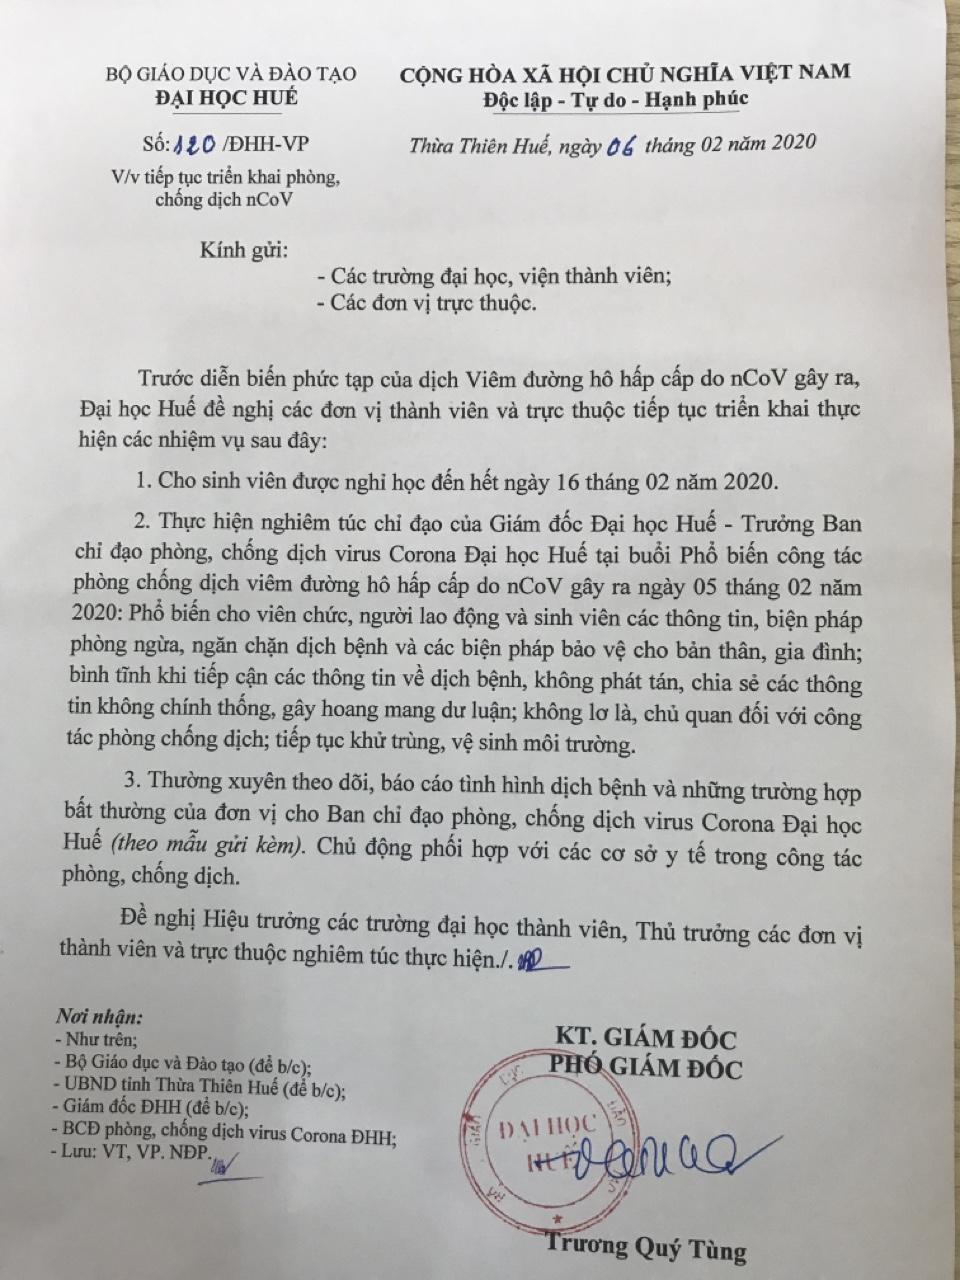 Thông báo sinh viên được nghỉ học đến hết ngày 16 tháng 02 năm 2020 và tiếp tục triển khai phòng chống dịch nCoV của Đại học Huế